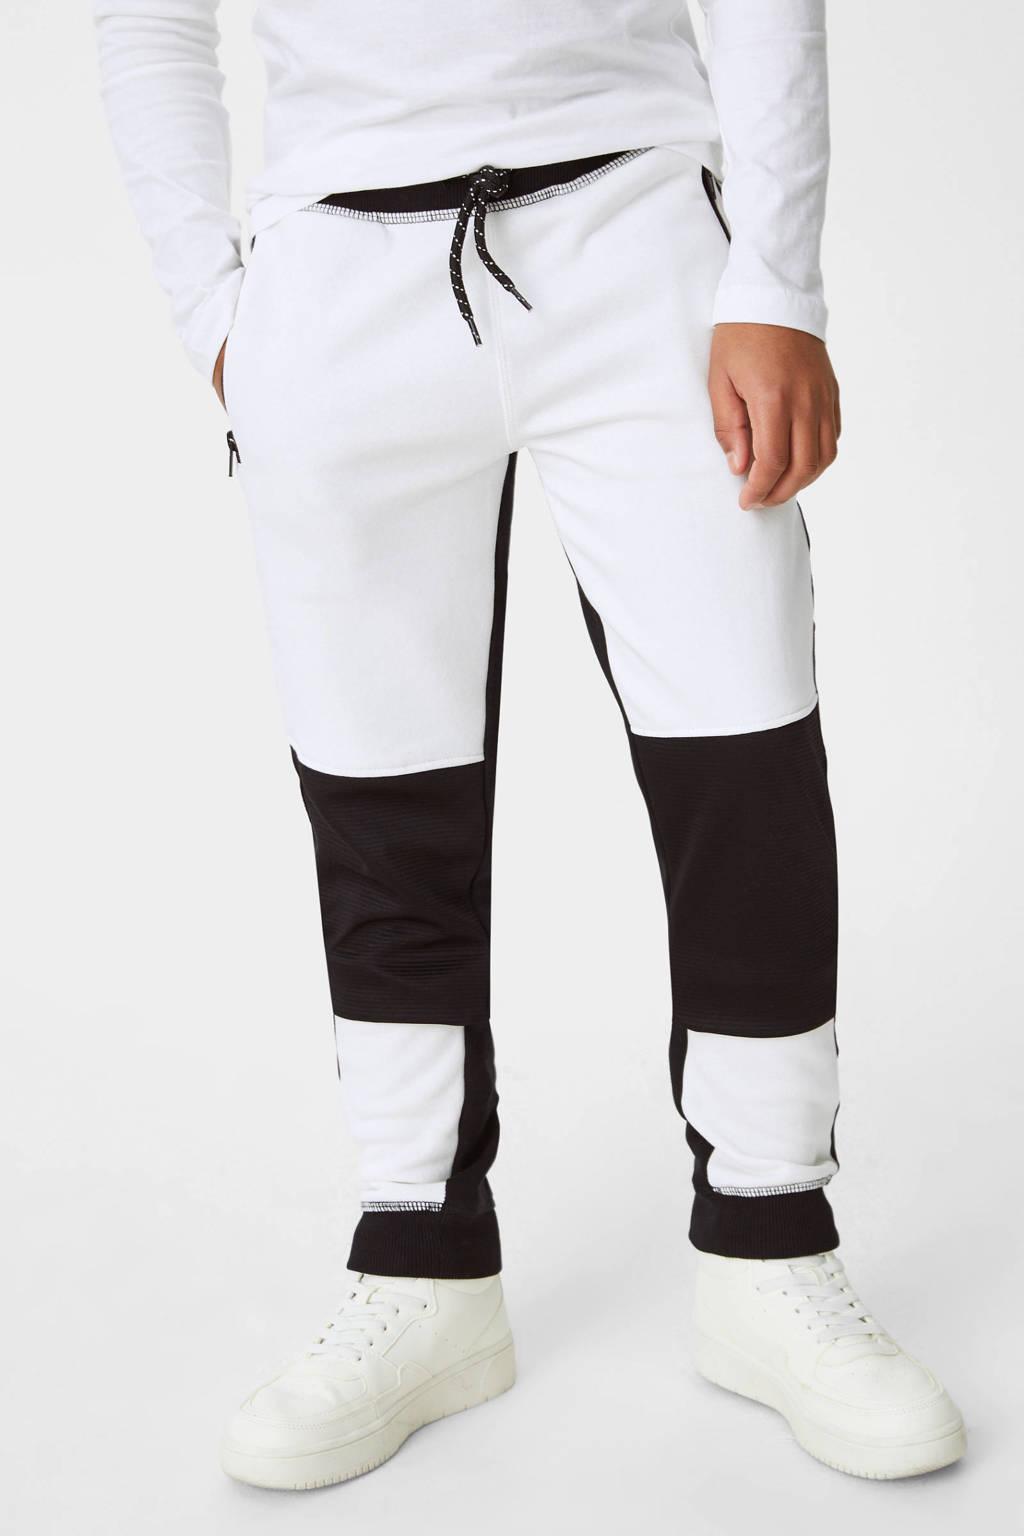 C&A joggingbroek met zijstreep wit/zwart, Wit/zwart